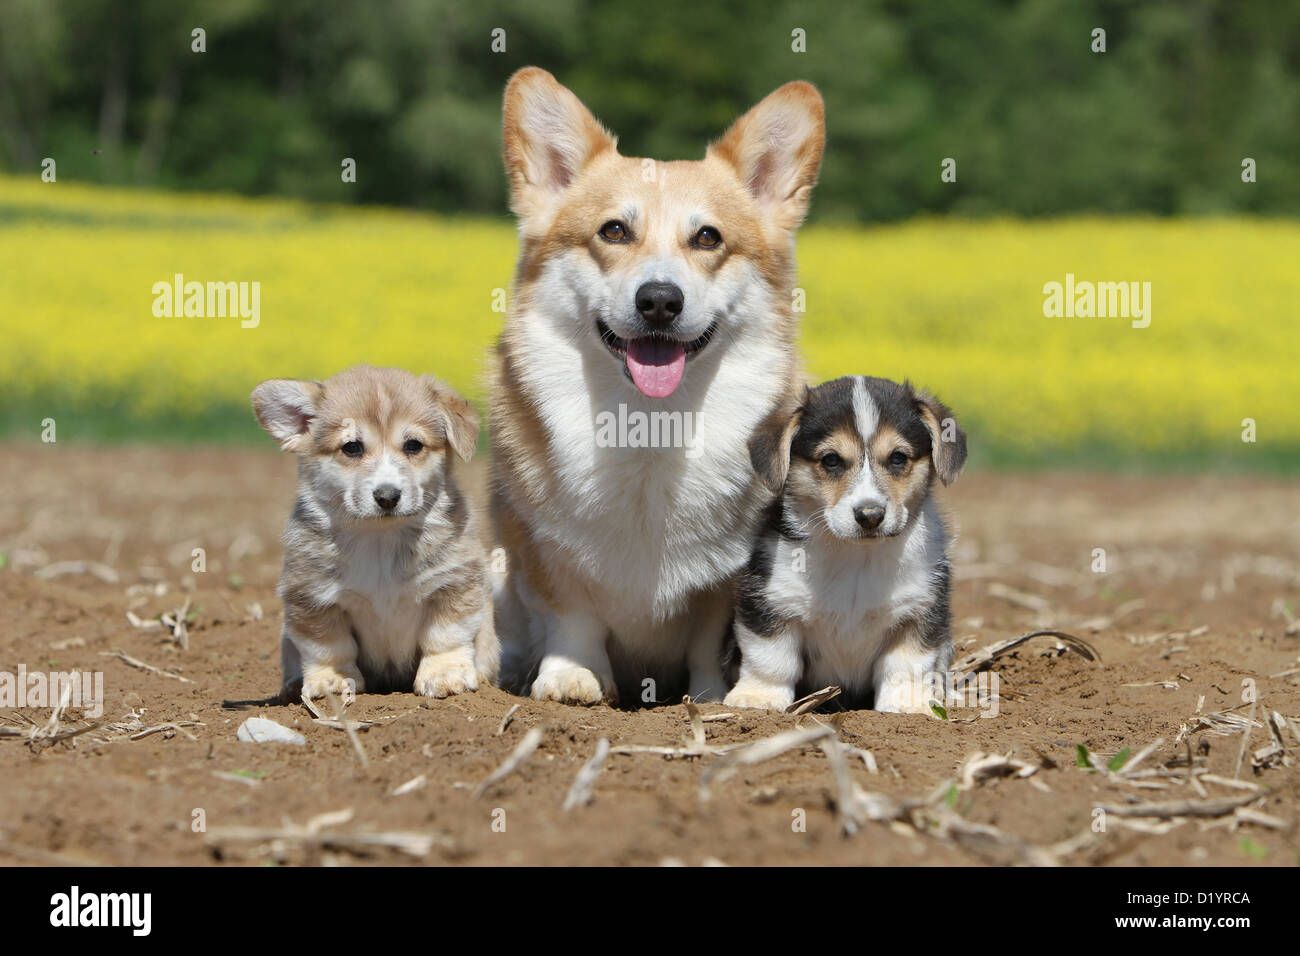 Welsh Corgi Pembroke perro adulto y dos cachorros de diferentes colores sentado Foto de stock